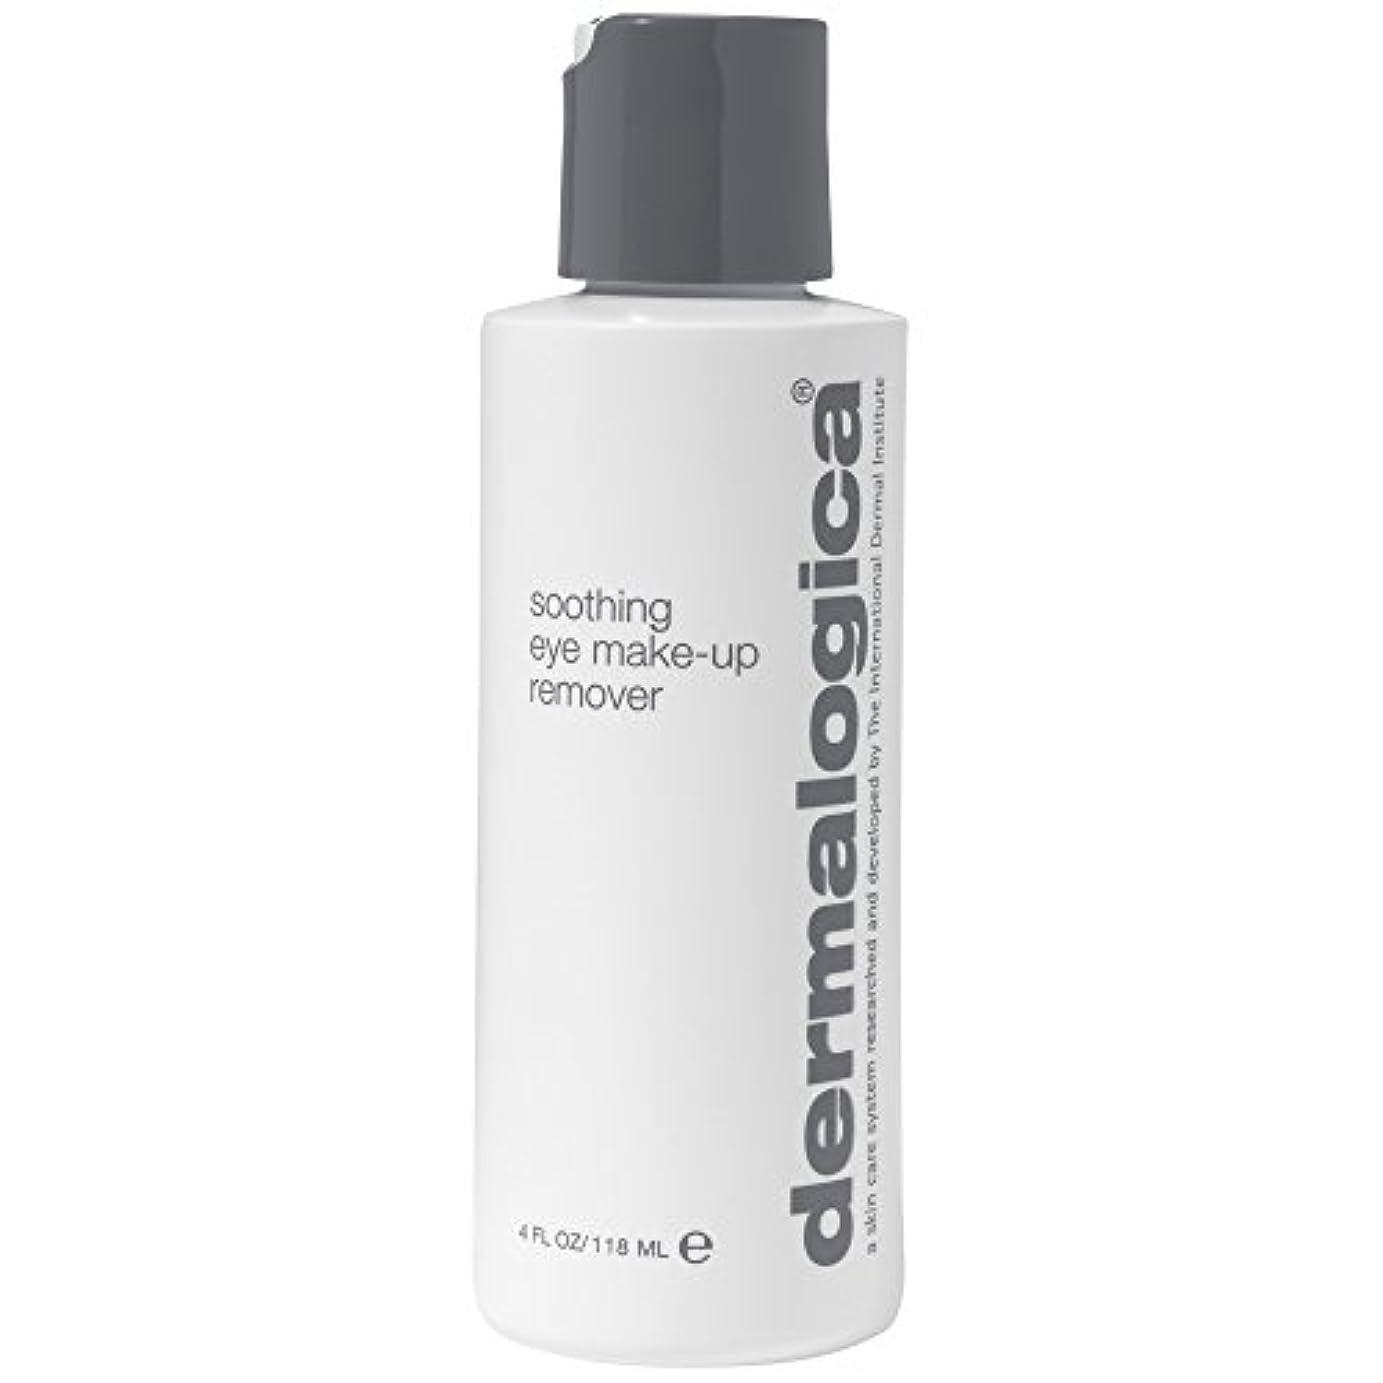 倉庫解放フルーツ野菜ダーマロジカなだめるアイメイクアップリムーバーの118ミリリットル (Dermalogica) - Dermalogica Soothing Eye Makeup Remover 118ml [並行輸入品]